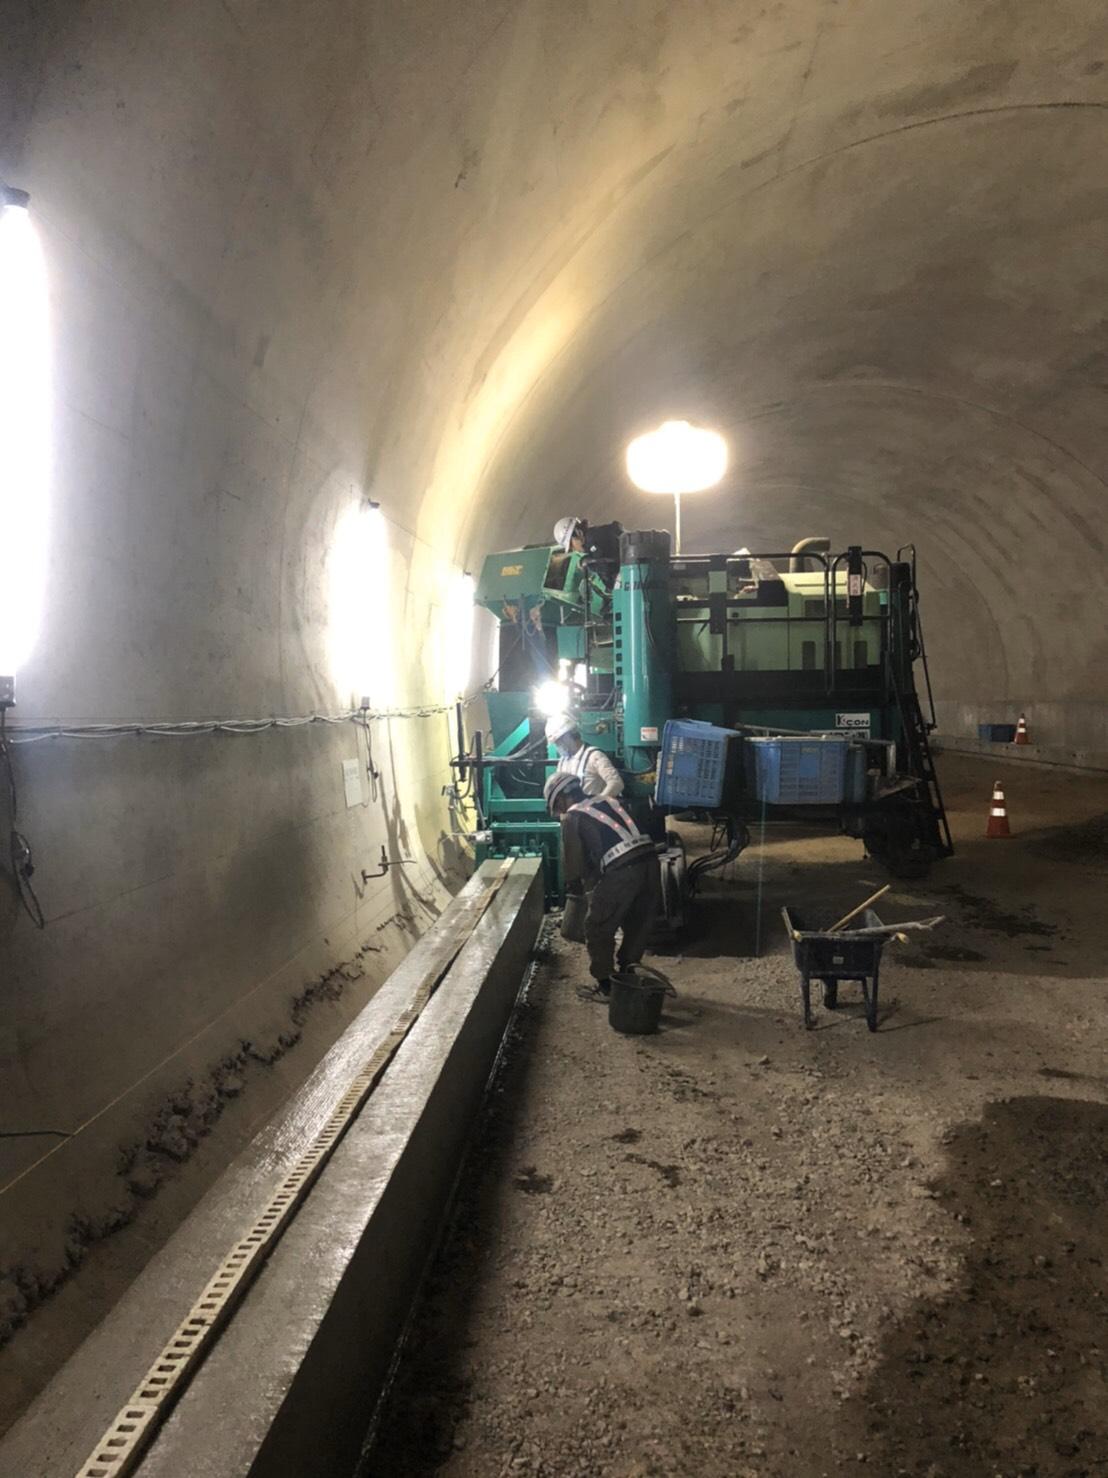 全国の土木工事を支える タイセー工業株式会社 豊岡 トンネル工事